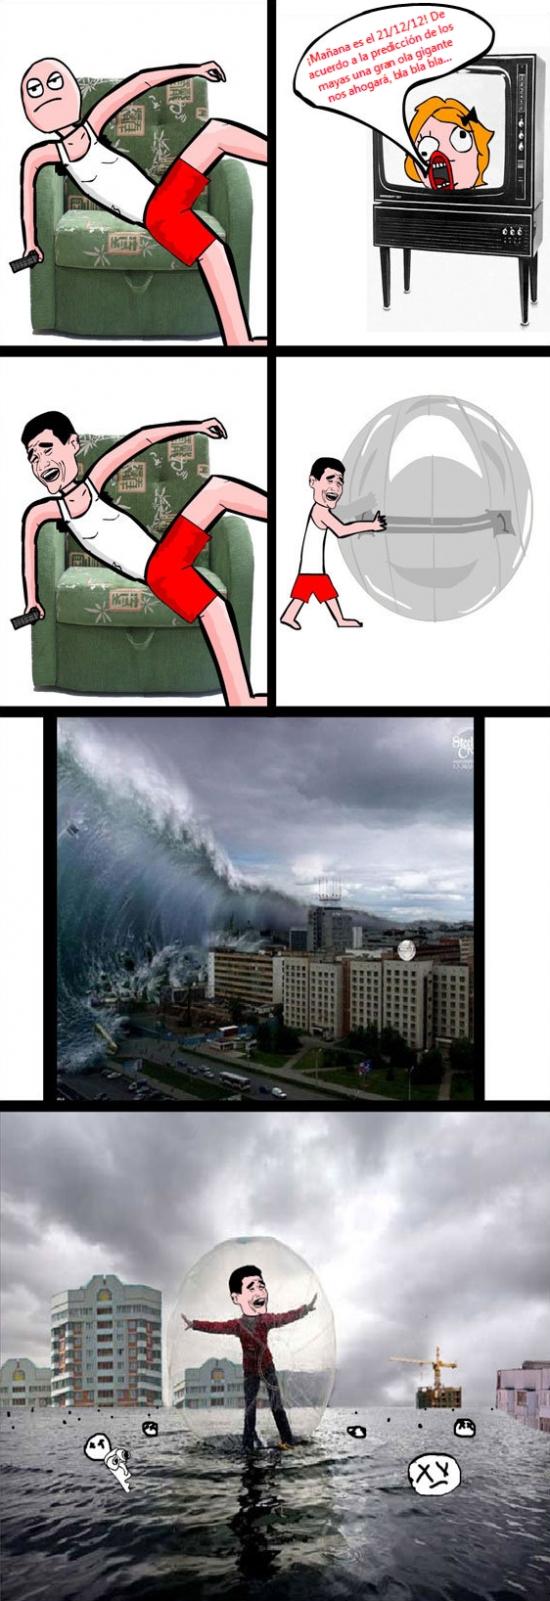 Yao - Sobreviviendo al apocalipsis